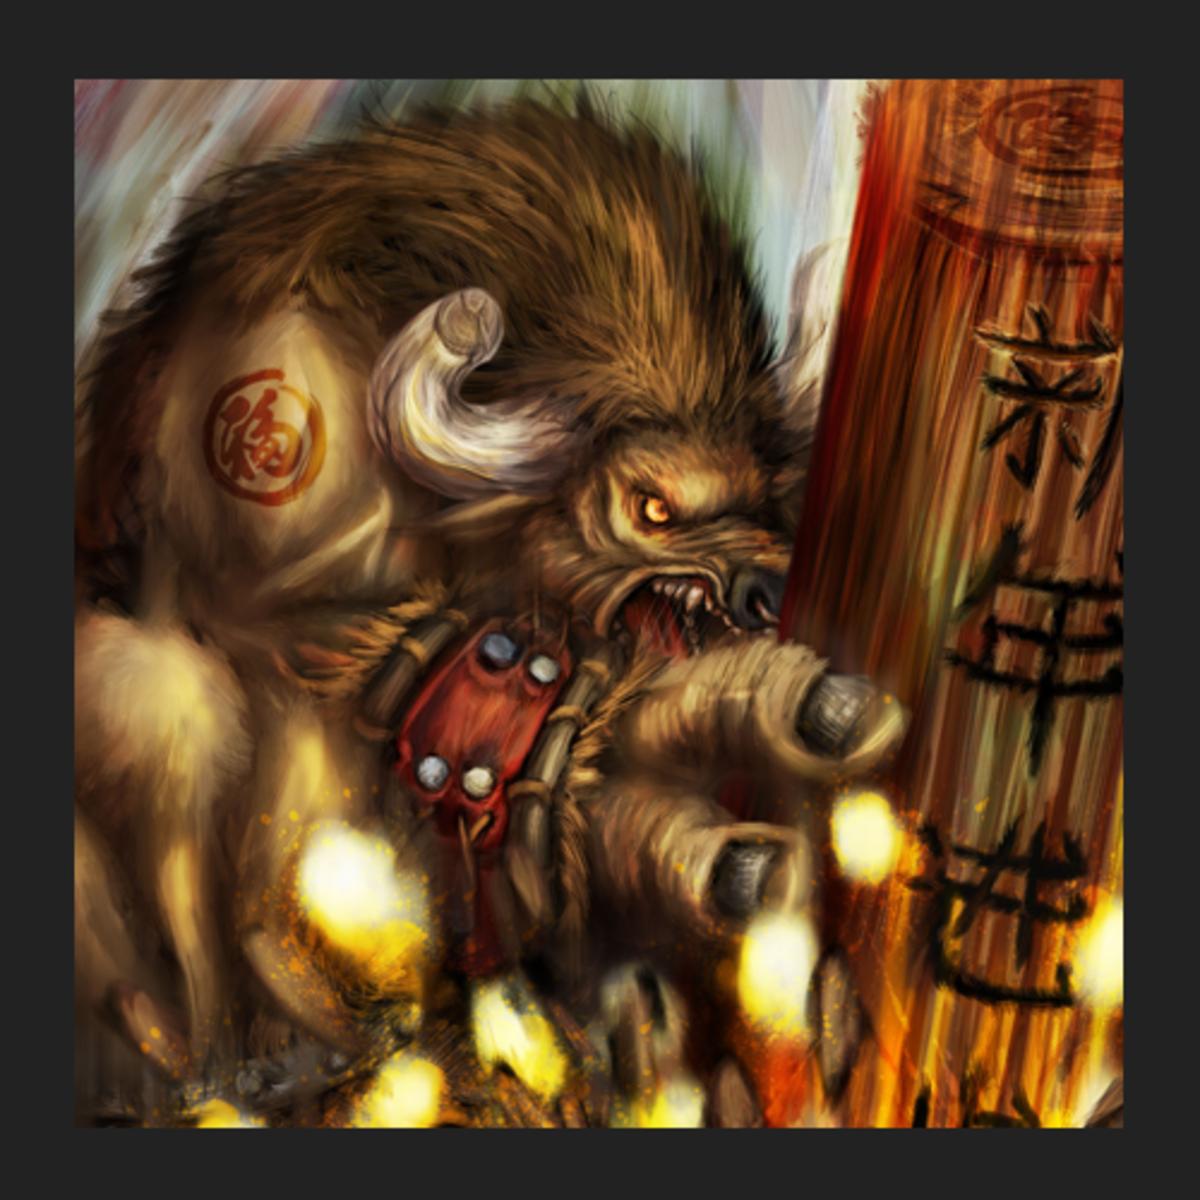 Raigor the Earthshaker fan art